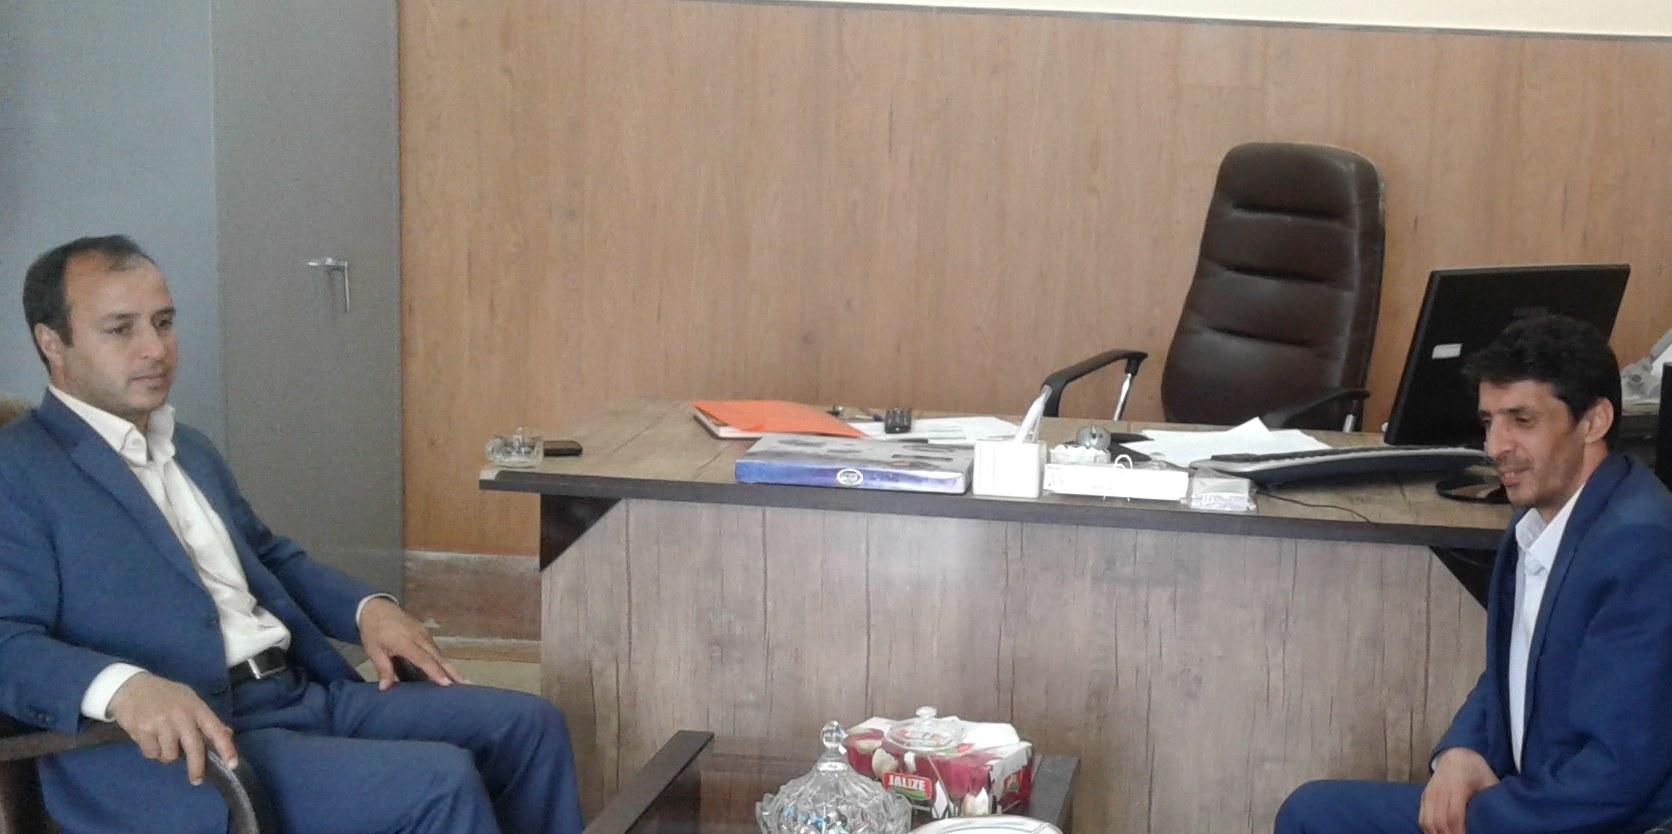 دیدار رئیس اداره کتابخانه های عمومی شهرستان خدابنده با بخشدار بخش افشار